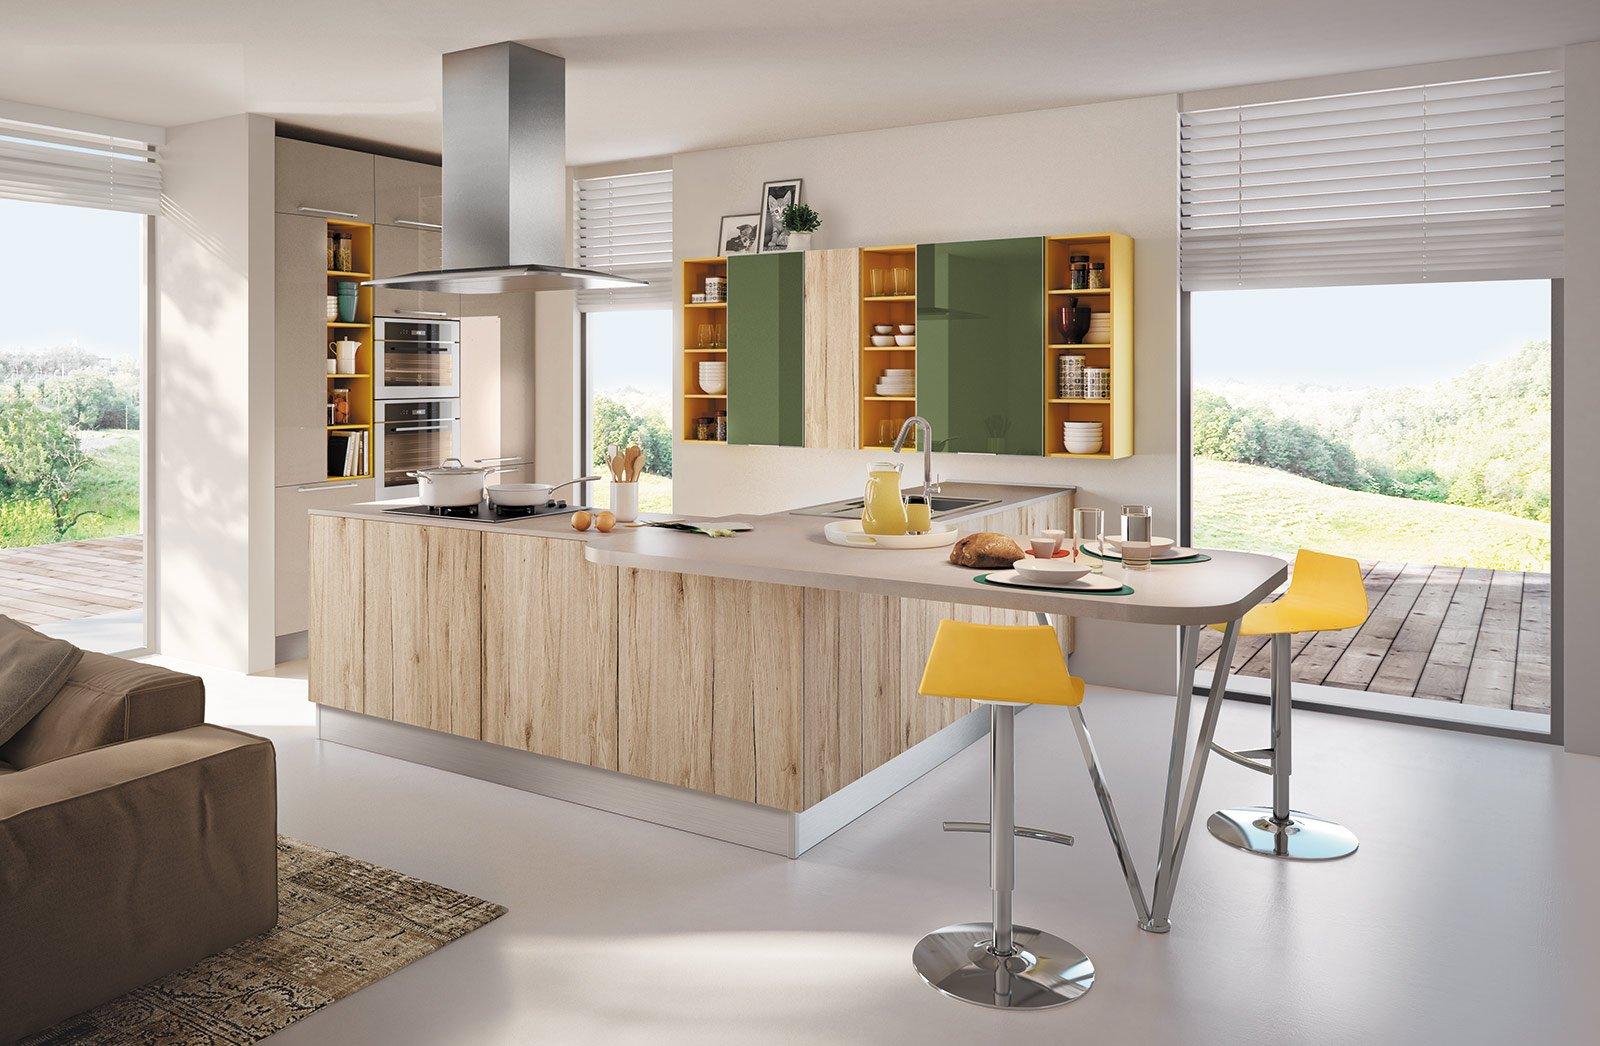 Banco snack pratico e conviviale cose di casa for Piccole immagini del piano casa